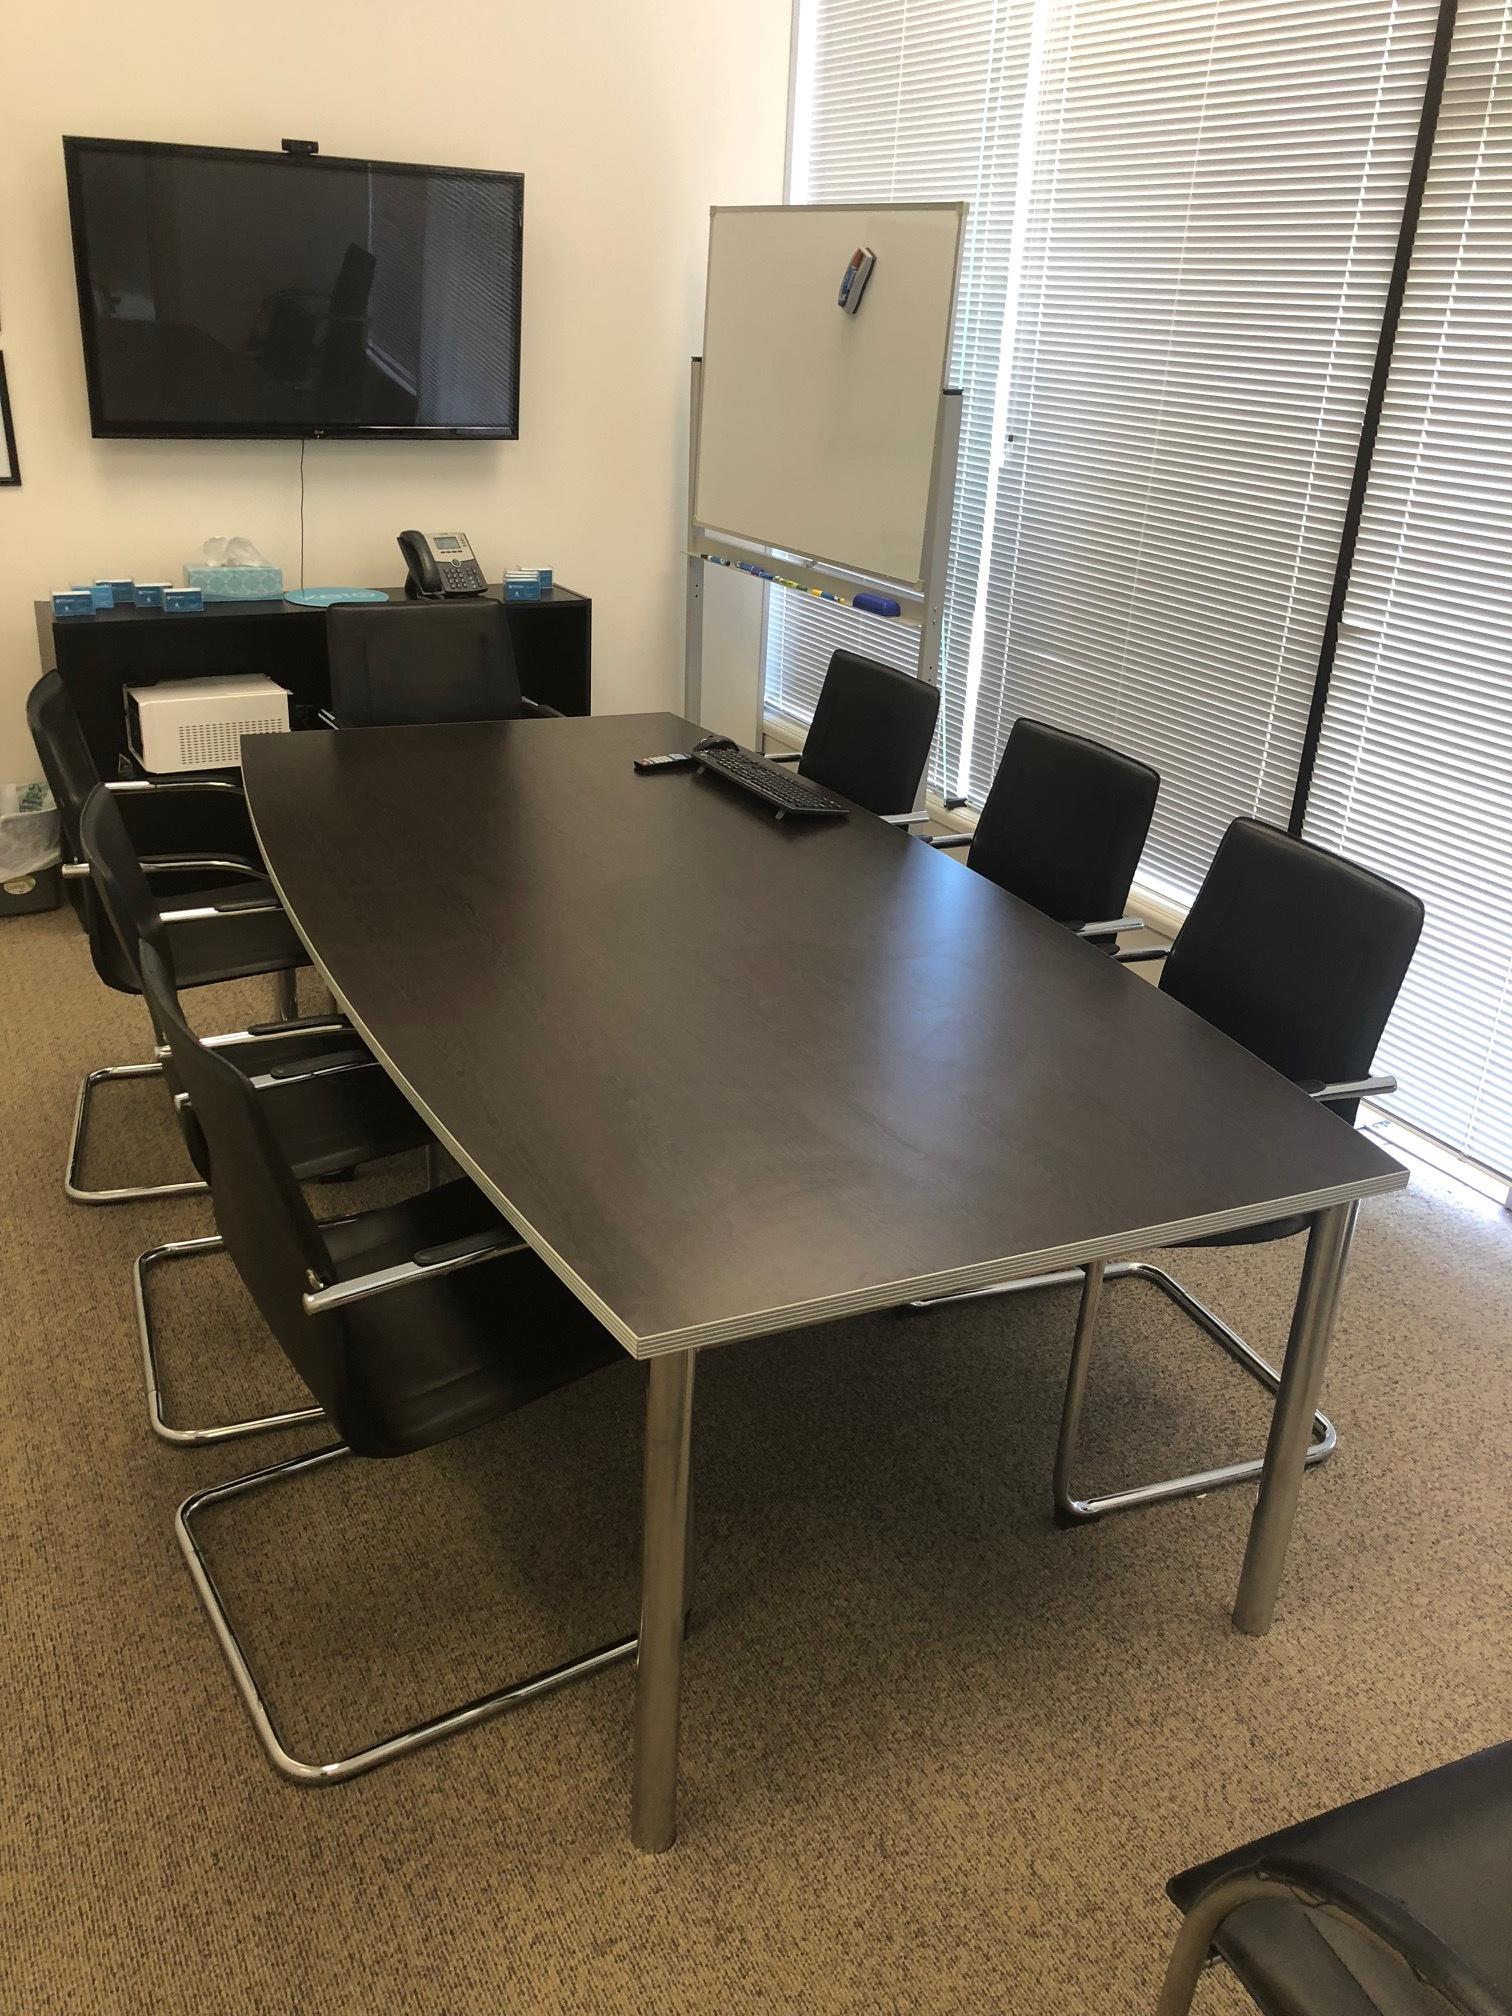 boardroom table n chairs ISS.jpg